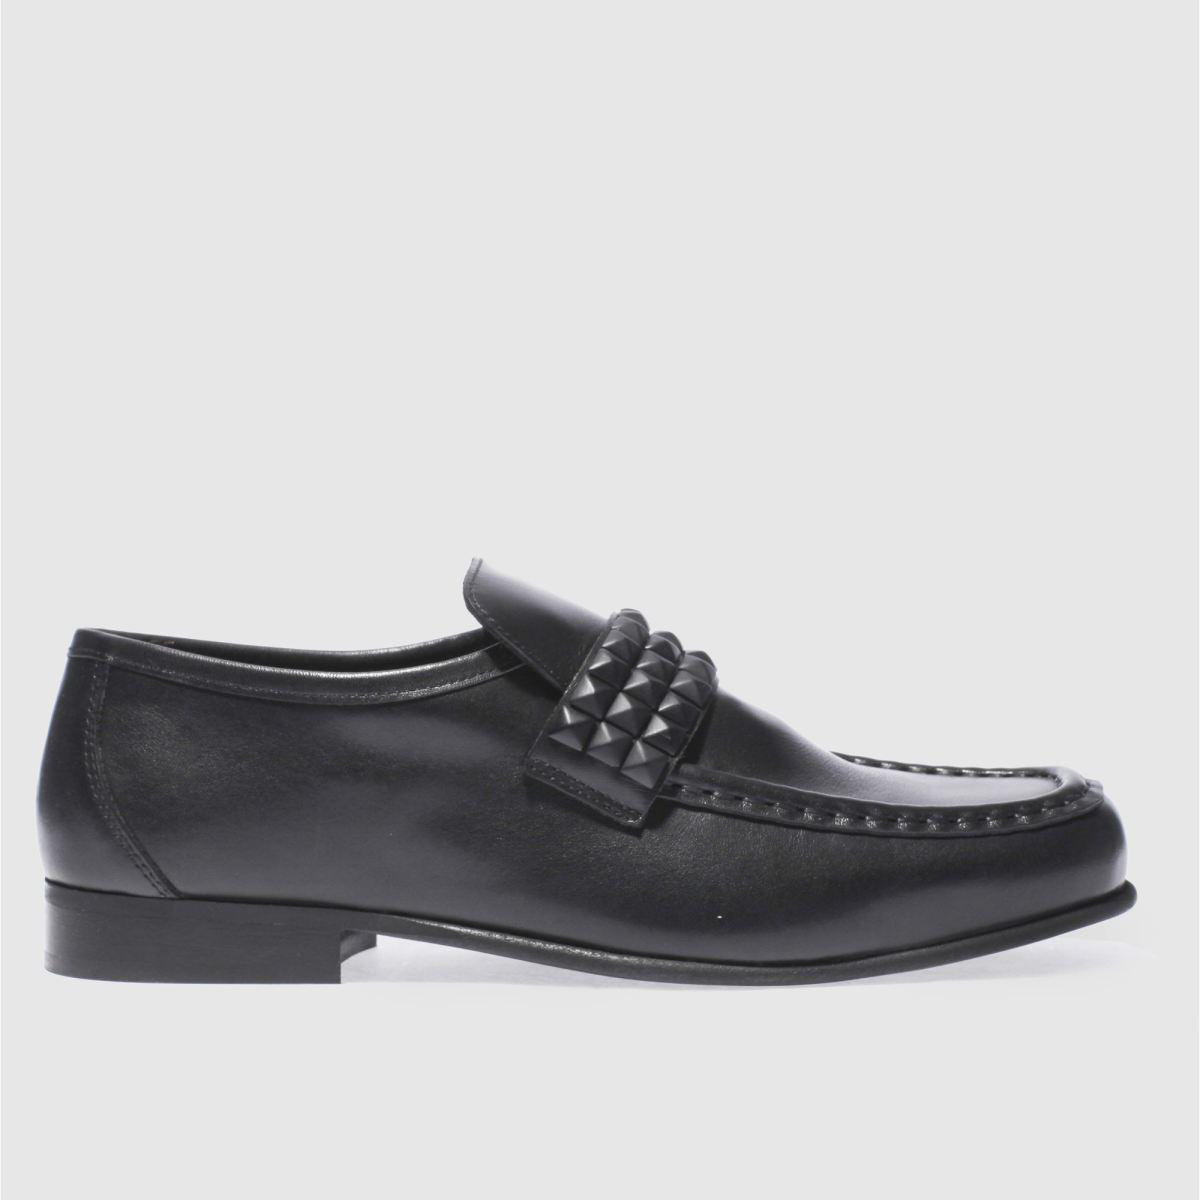 Schuh Black Argent Stud Shoes